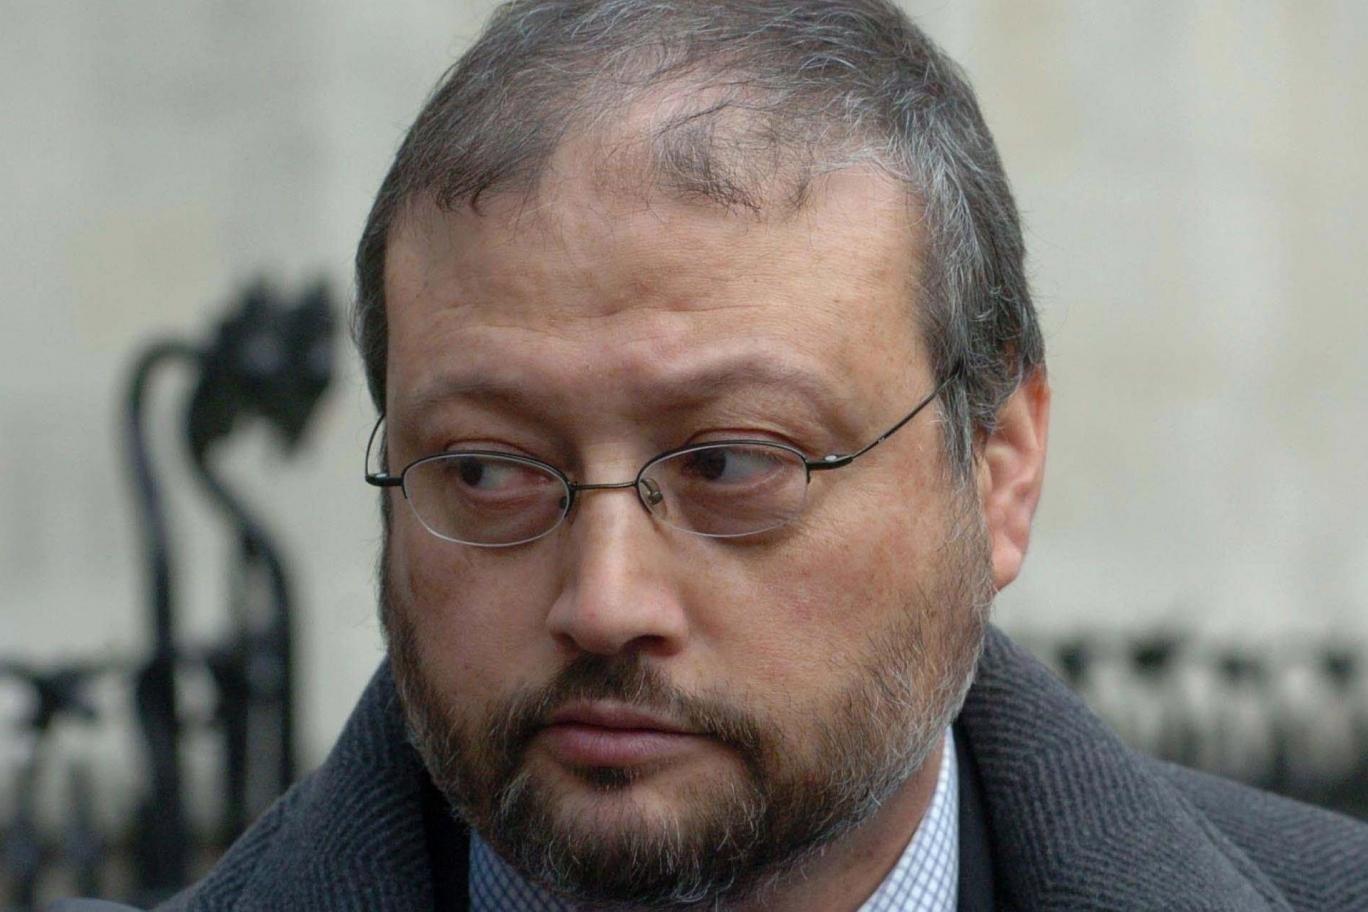 Affaire Khashoggi: Des images au rayon X révèlent les instruments utilisés pour tuer le